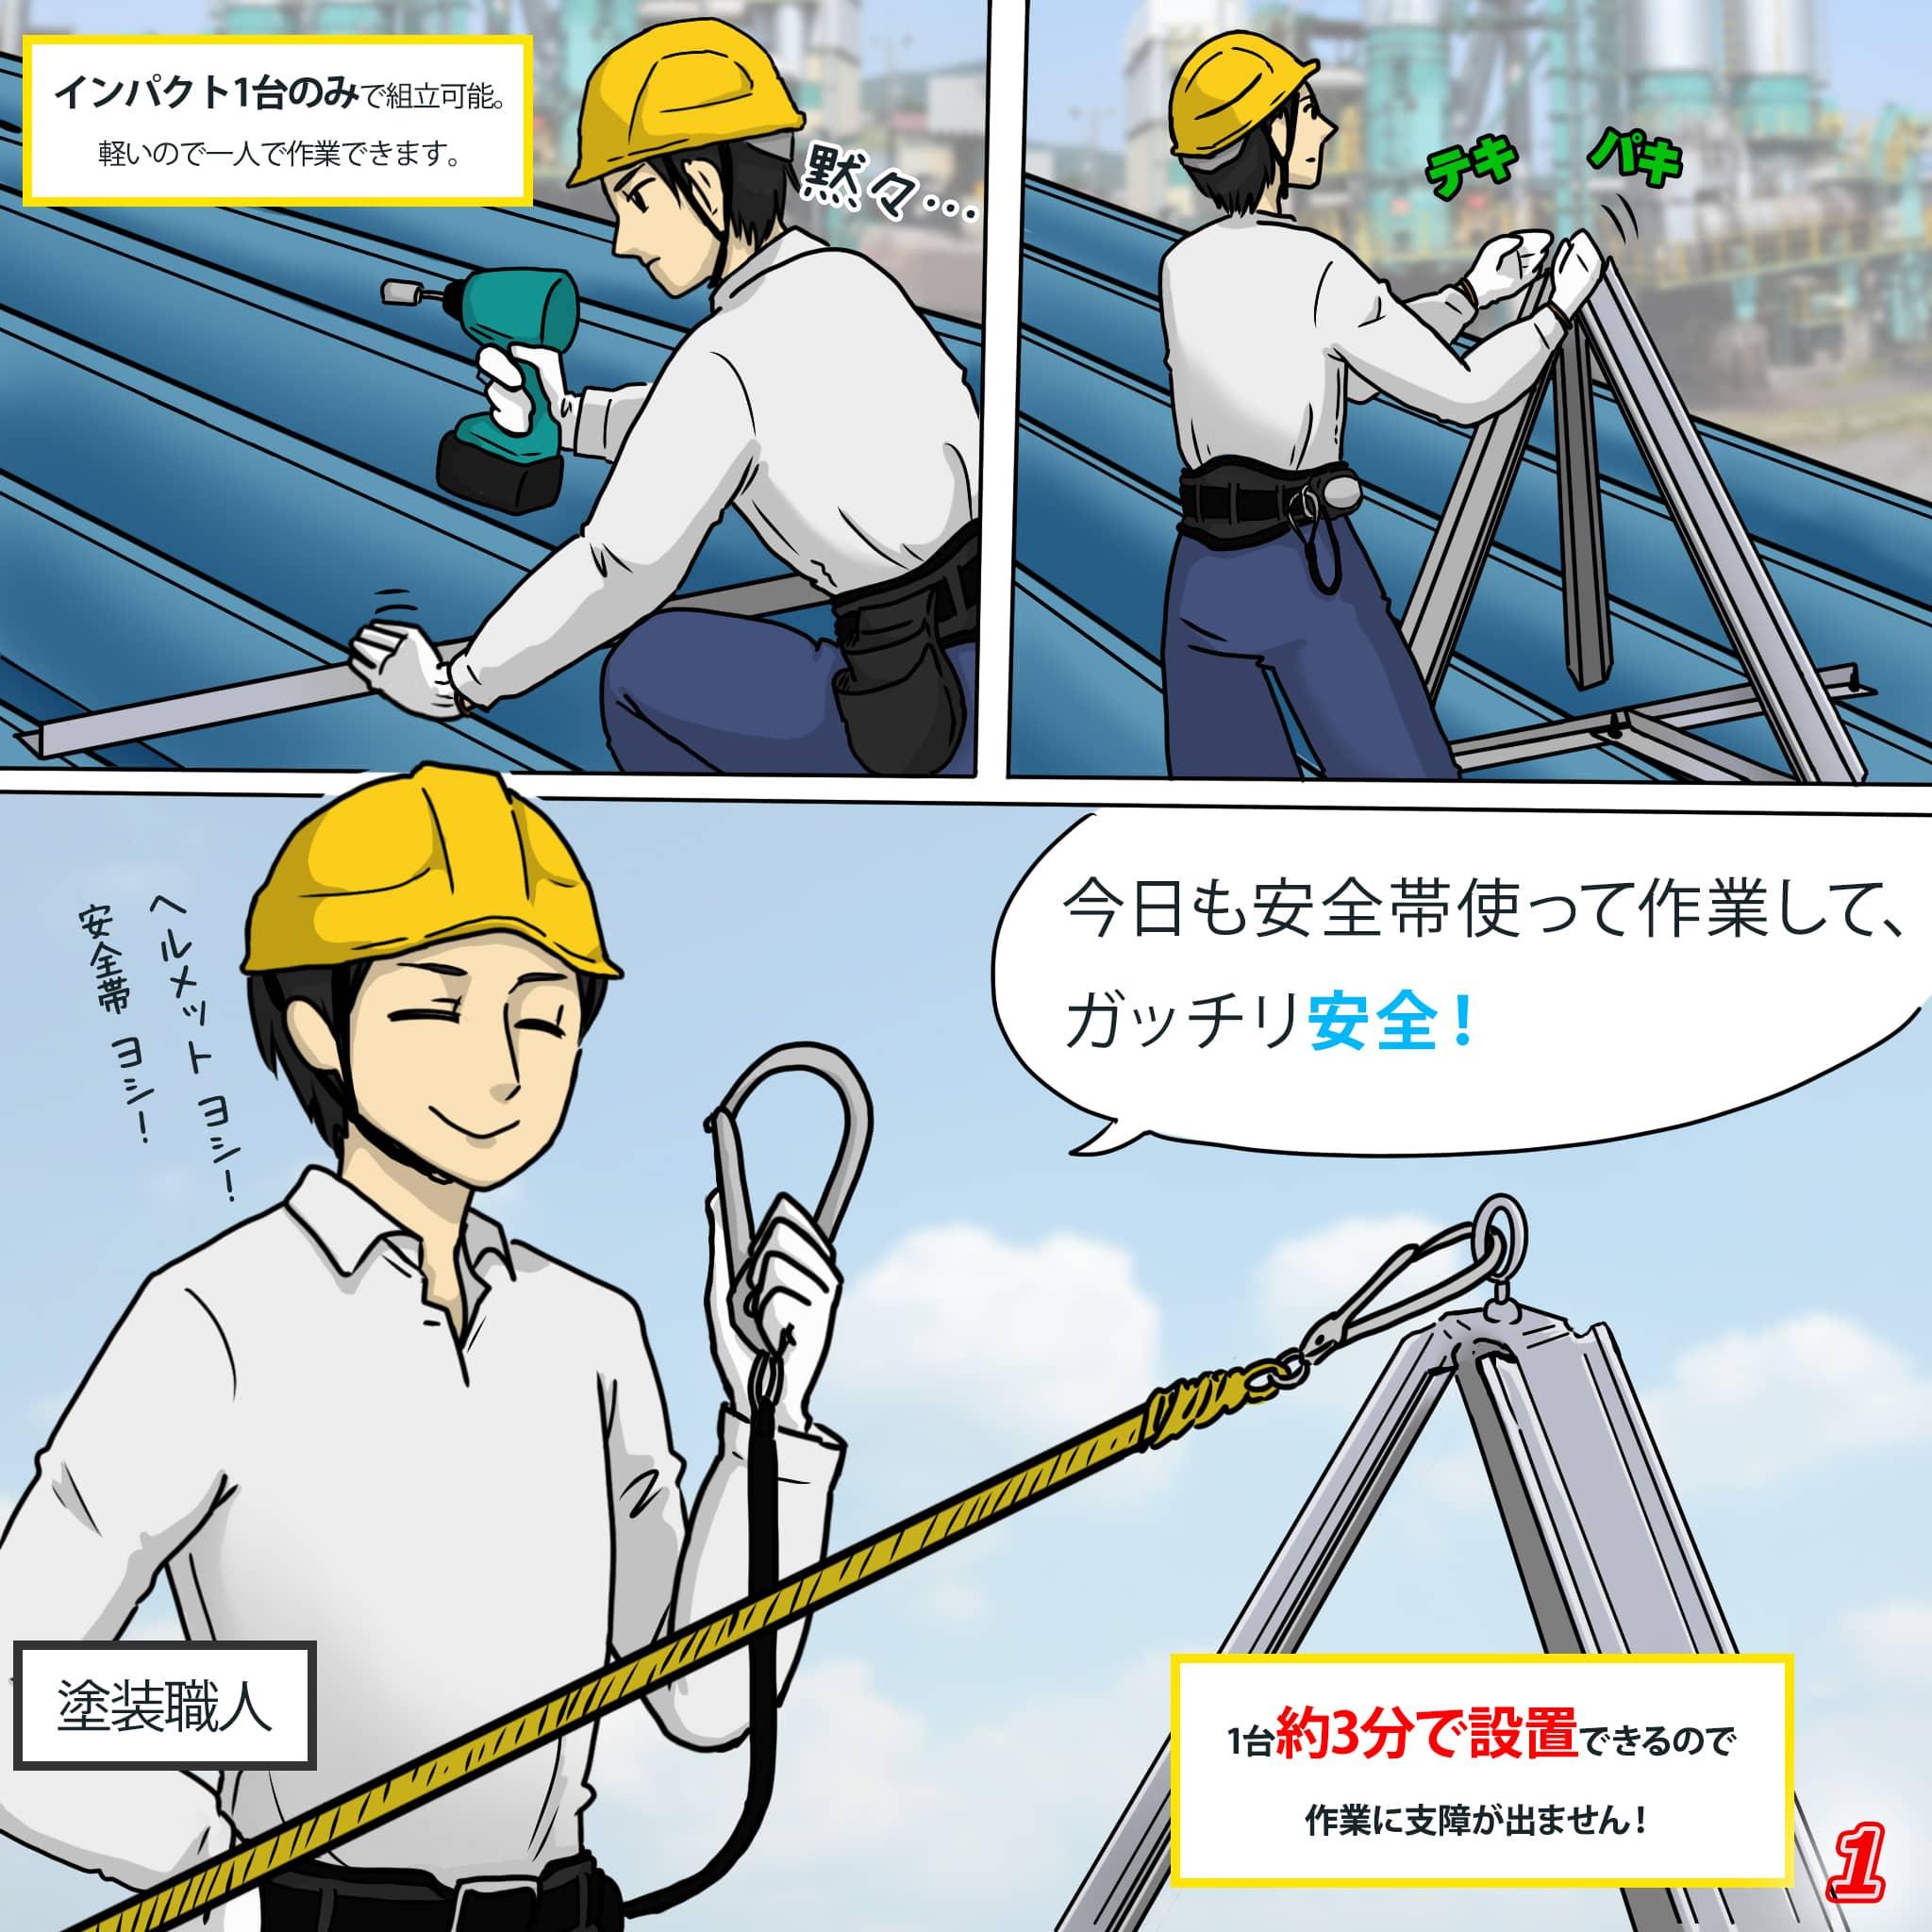 折板屋根上でペンキ屋さんが三脚支柱を設置し安全帯を使用して塗装しているマンガ